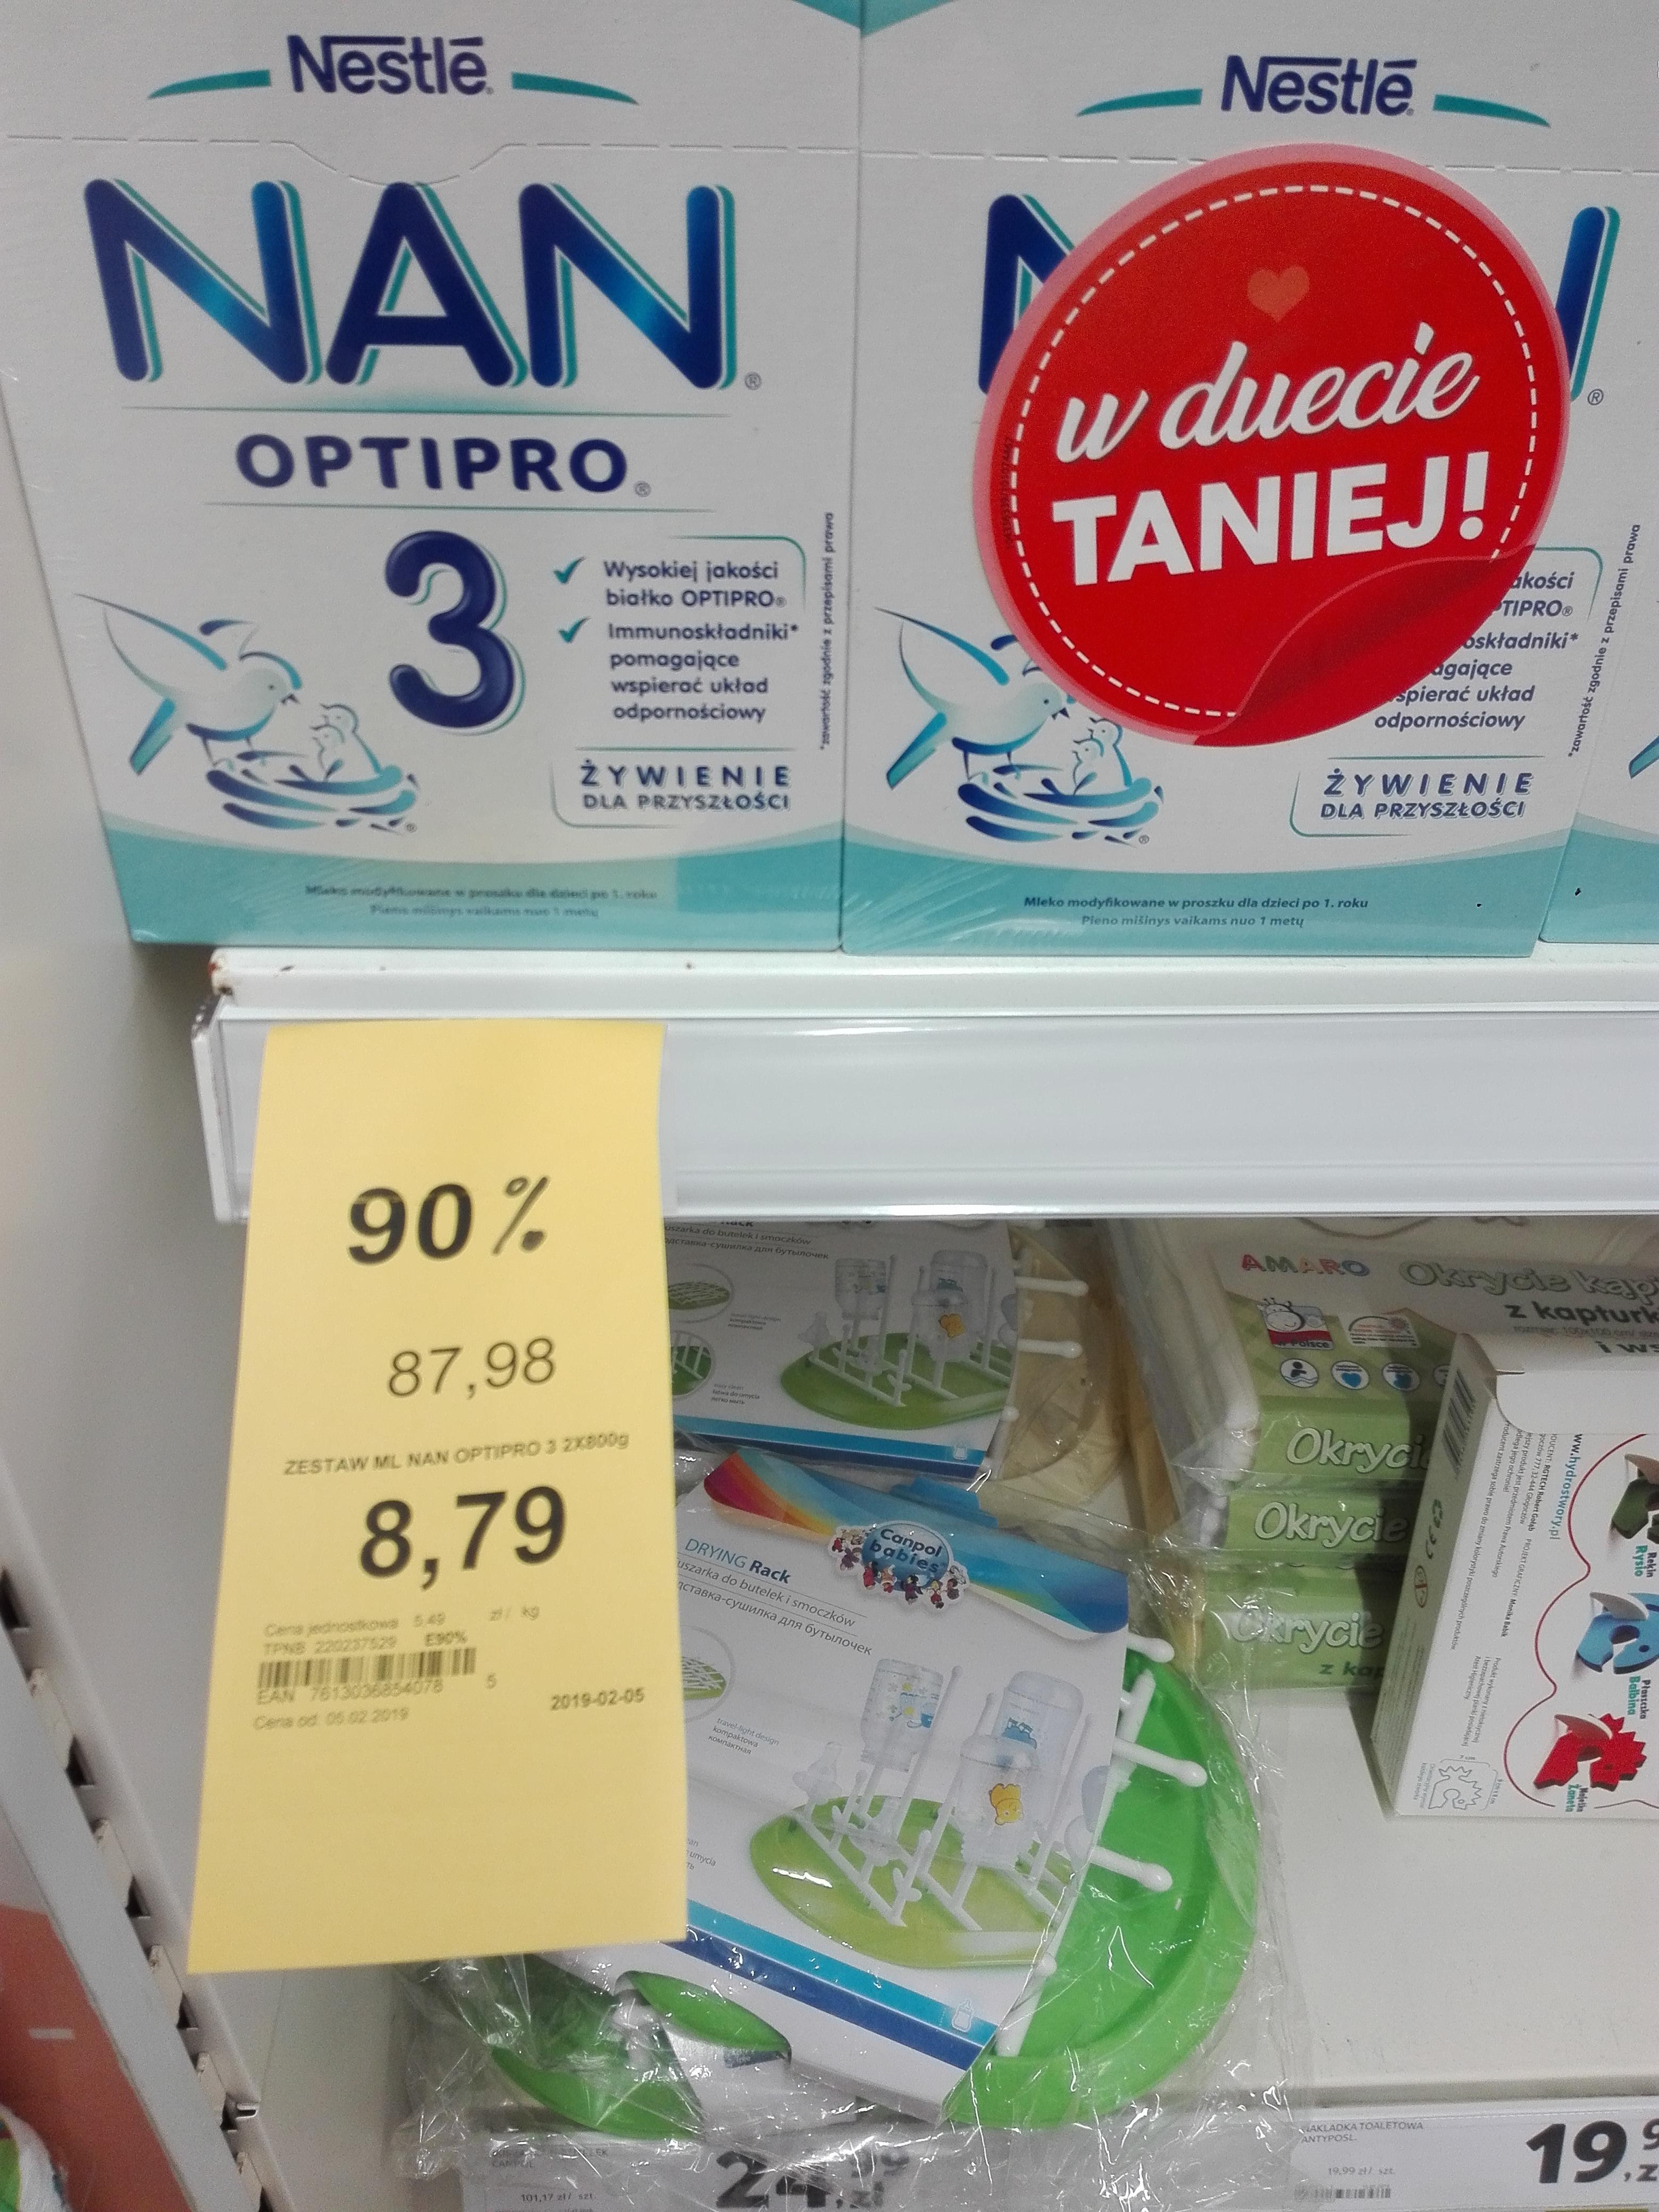 NAN Optipro 3 2x800g Tesco Gdynia